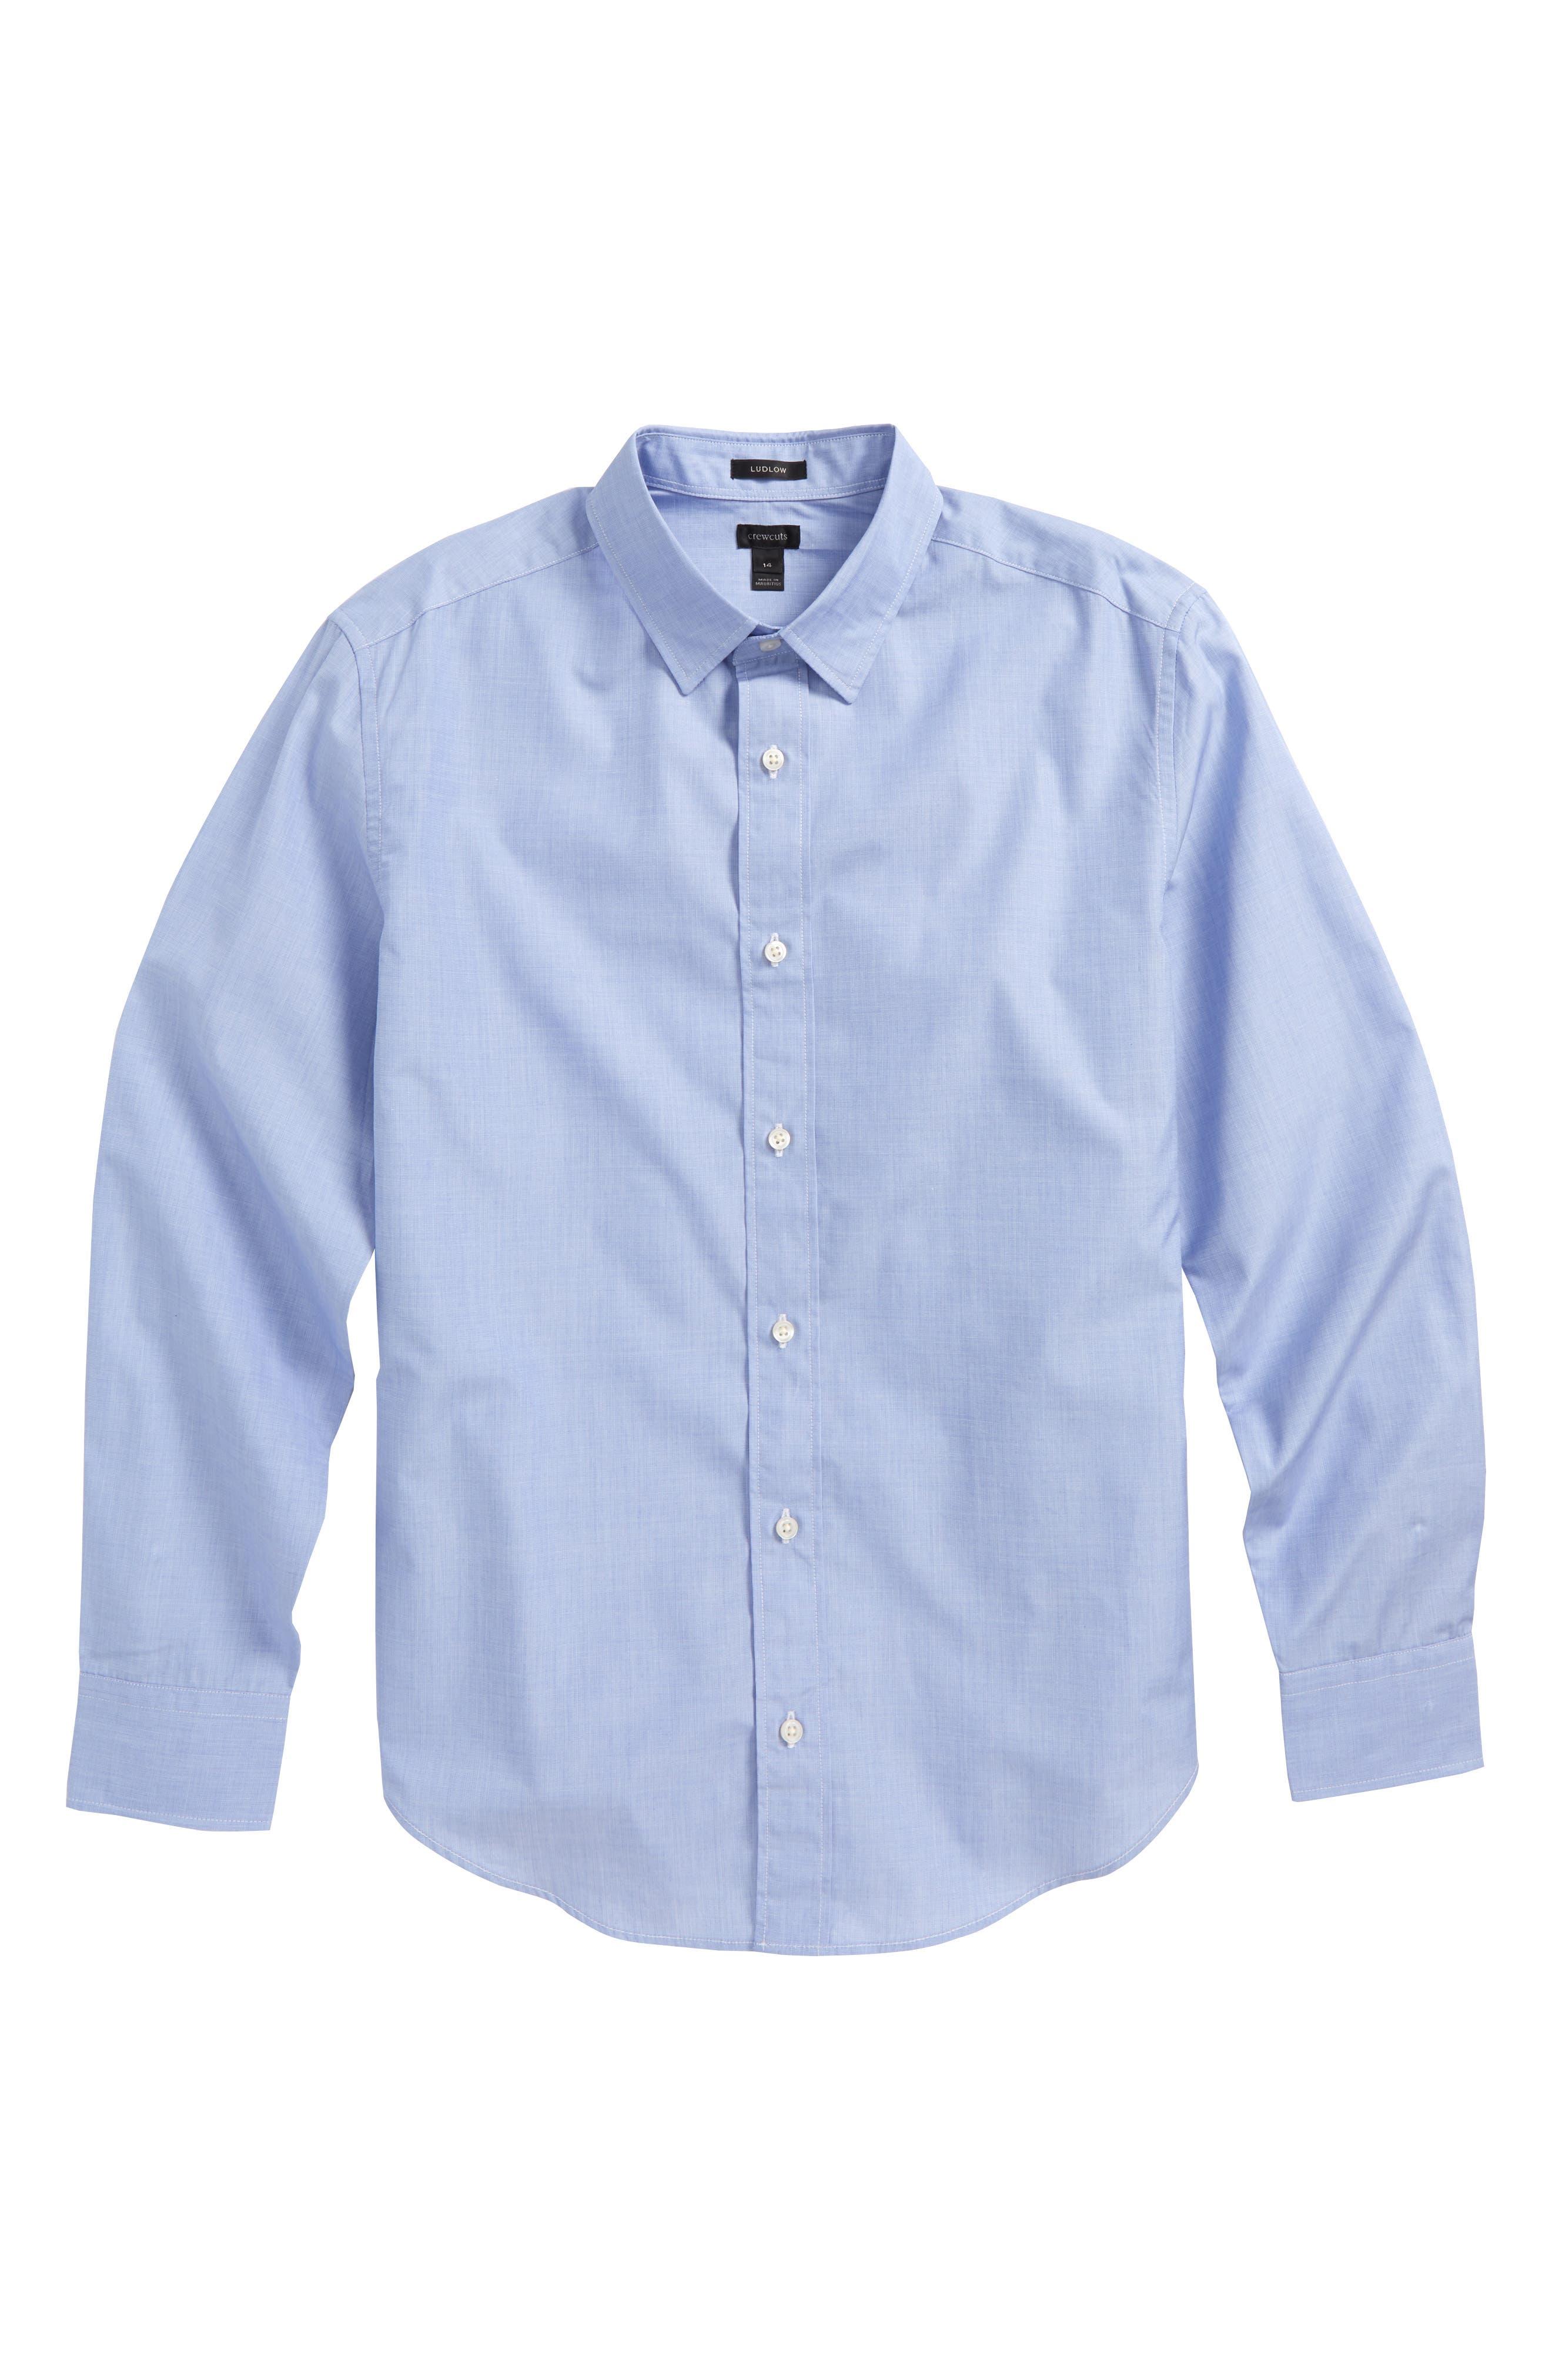 Ludlow Dress Shirt,                         Main,                         color, 400